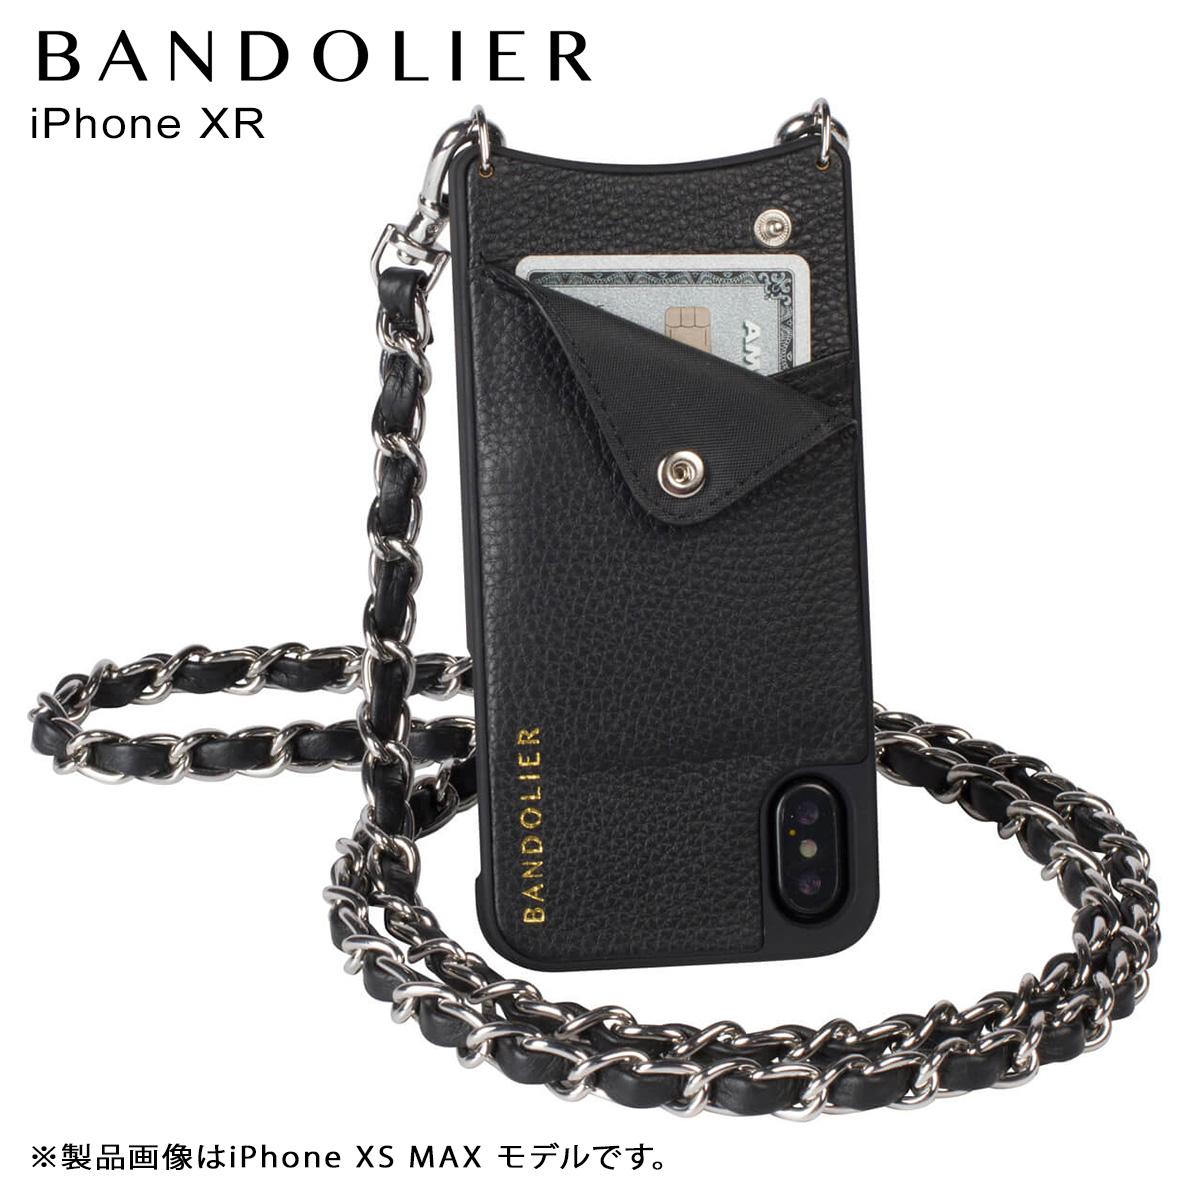 バンドリヤー BANDOLIER iPhone XR ケース スマホ 携帯 ショルダー アイフォン レザー LUCY SILVER メンズ レディース ブラック 10LCY1001